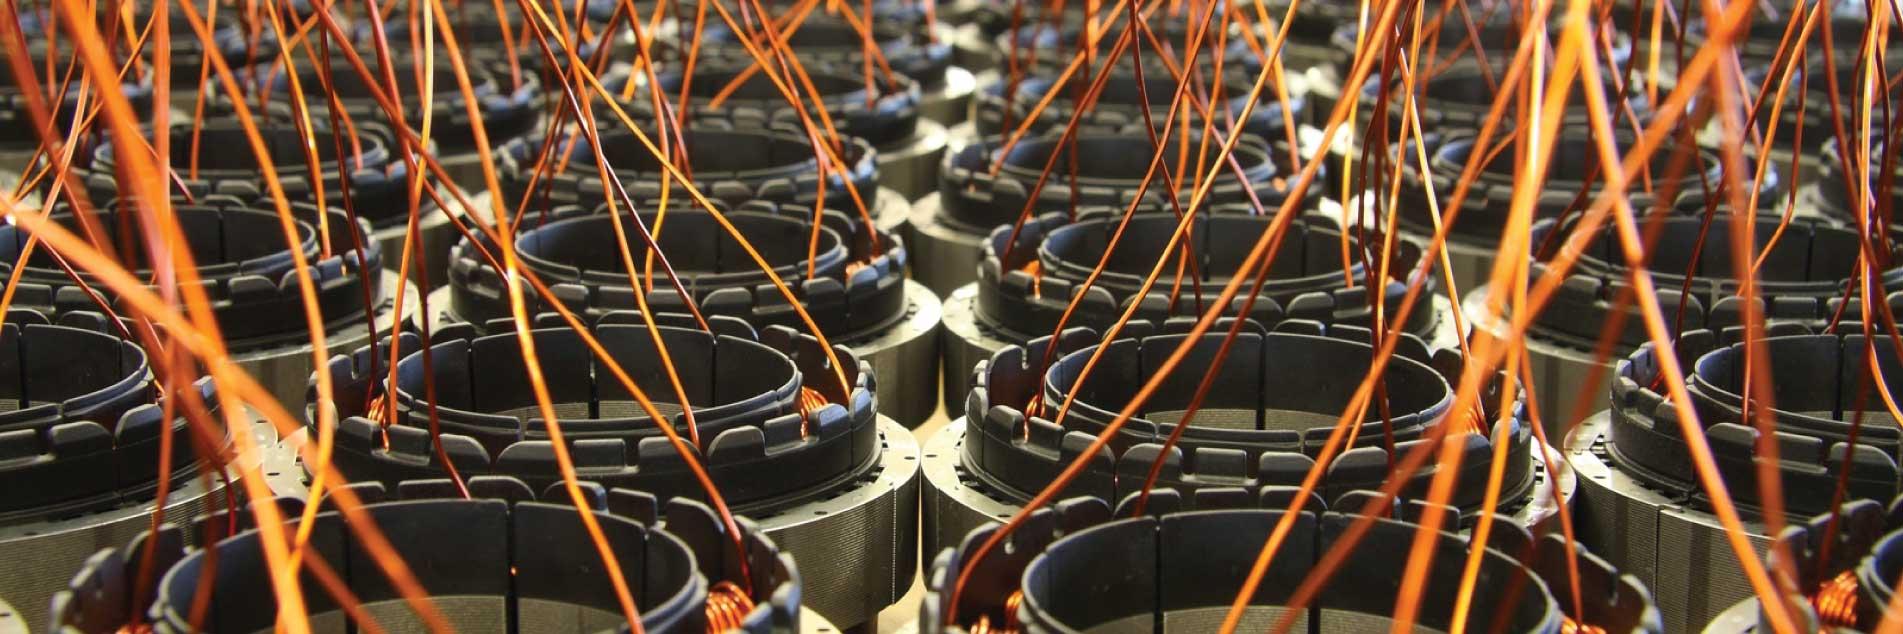 המנועים של חברת Roger Technology מבוססים על מנוע דיגטלי תלת פאזי ללא מברשות בעל שדה מגנטי קבוע.